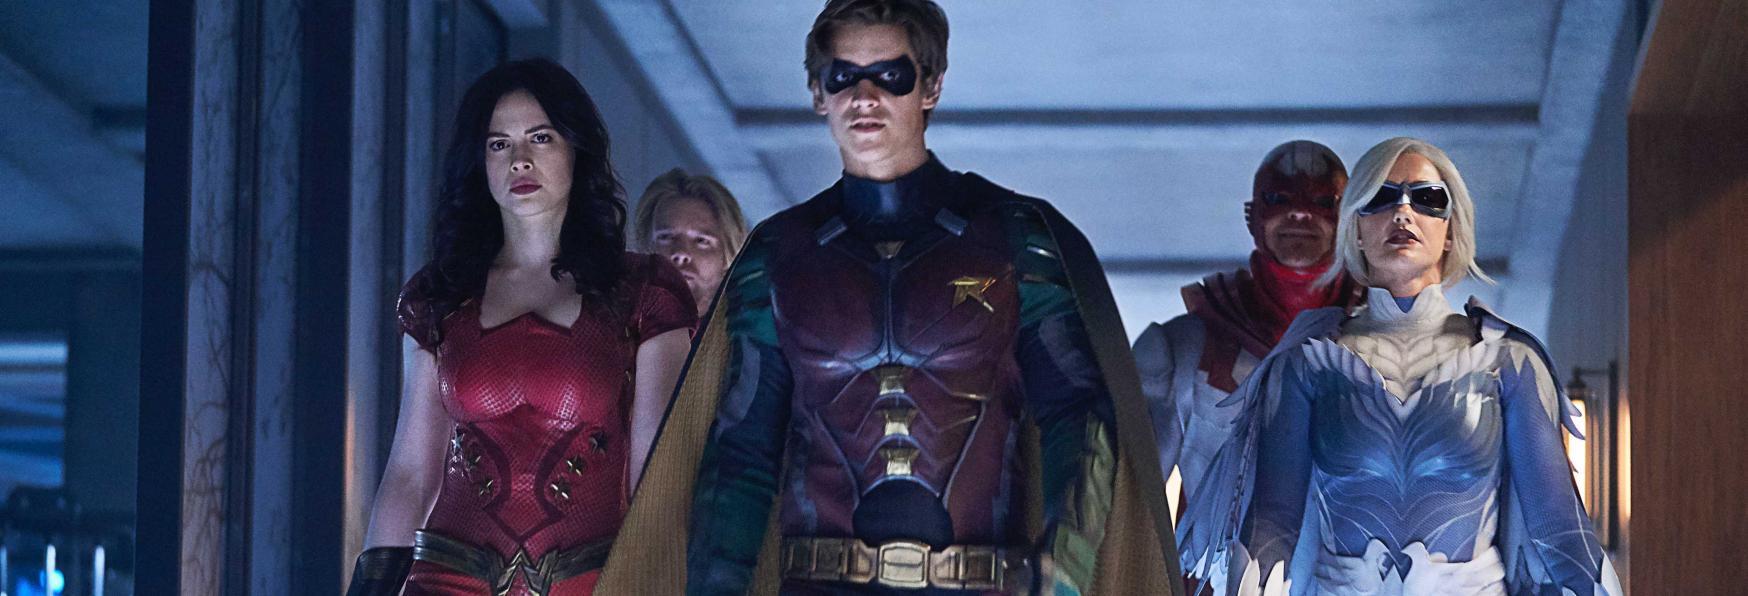 Quando arriva Titans 3? Il Periodo di Uscita della nuova Stagione della Serie TV DC